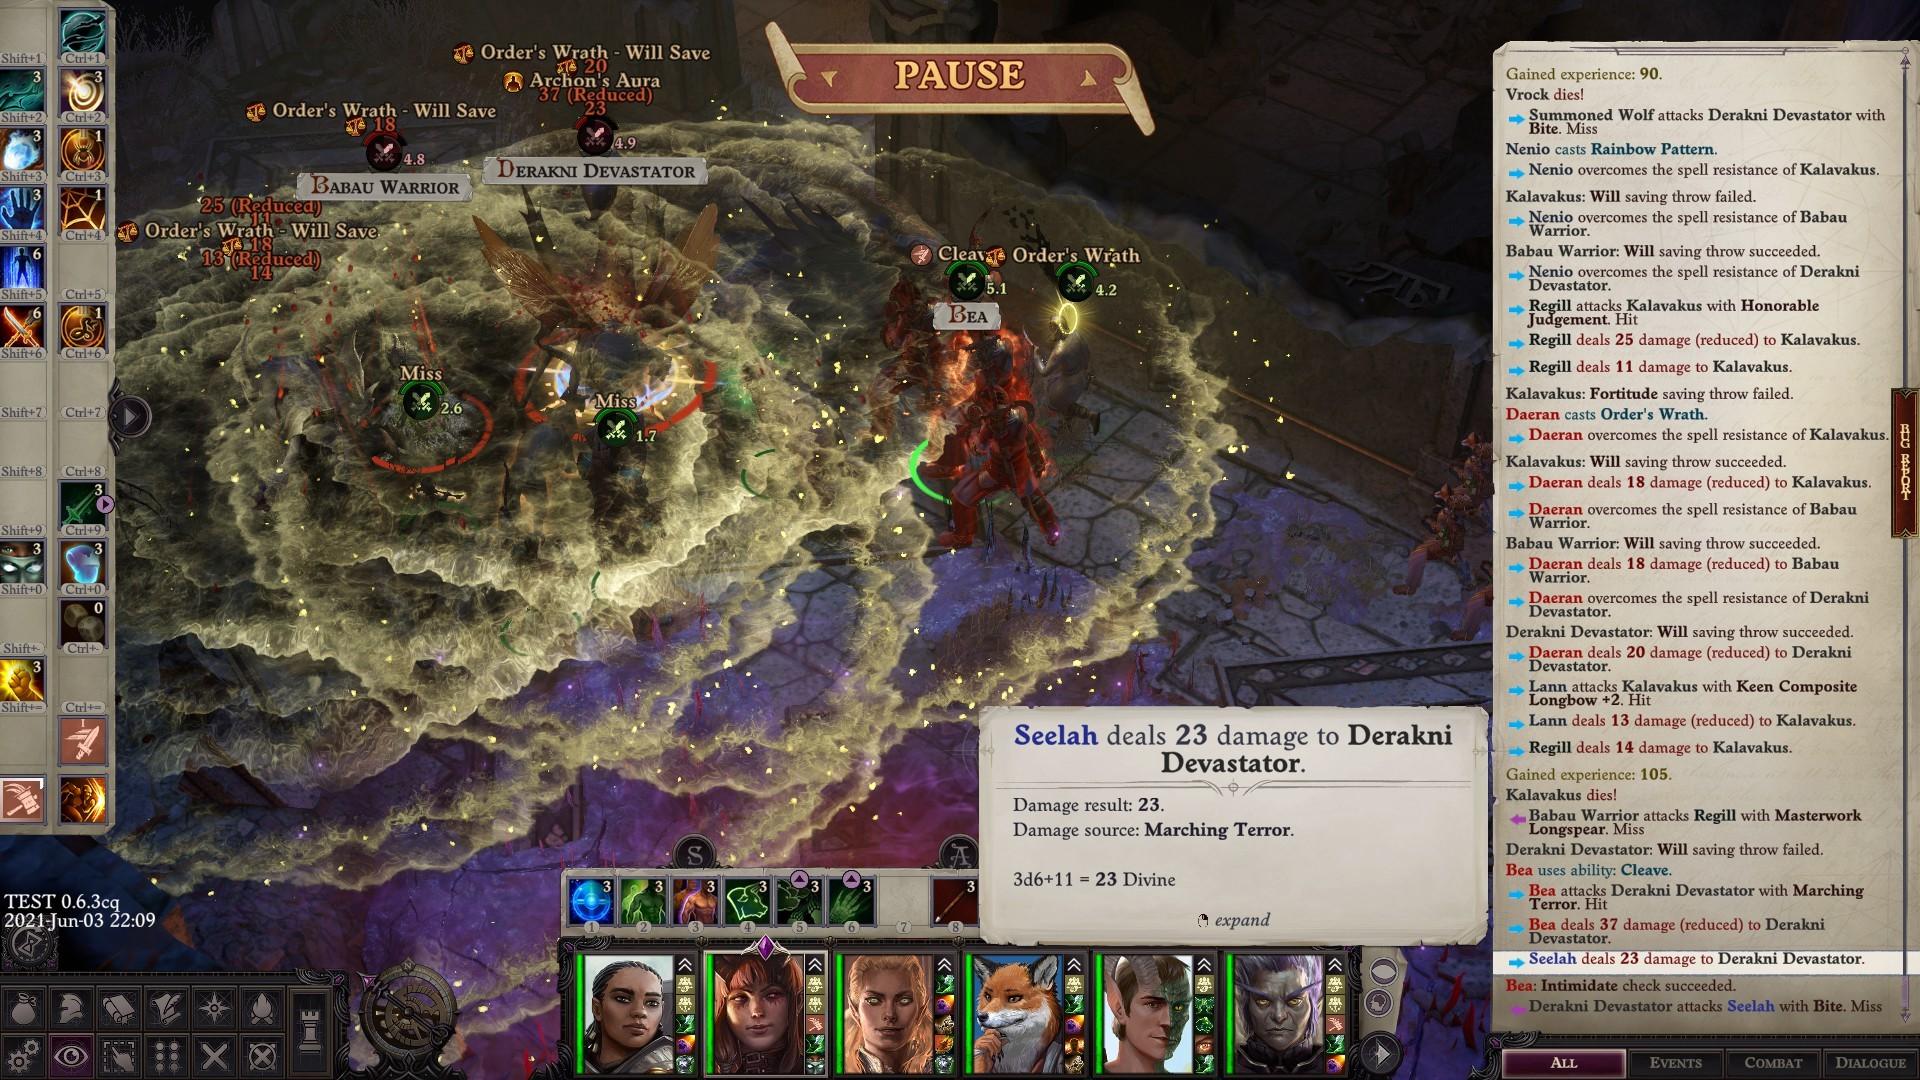 LeadingStrikeDamage.jpg